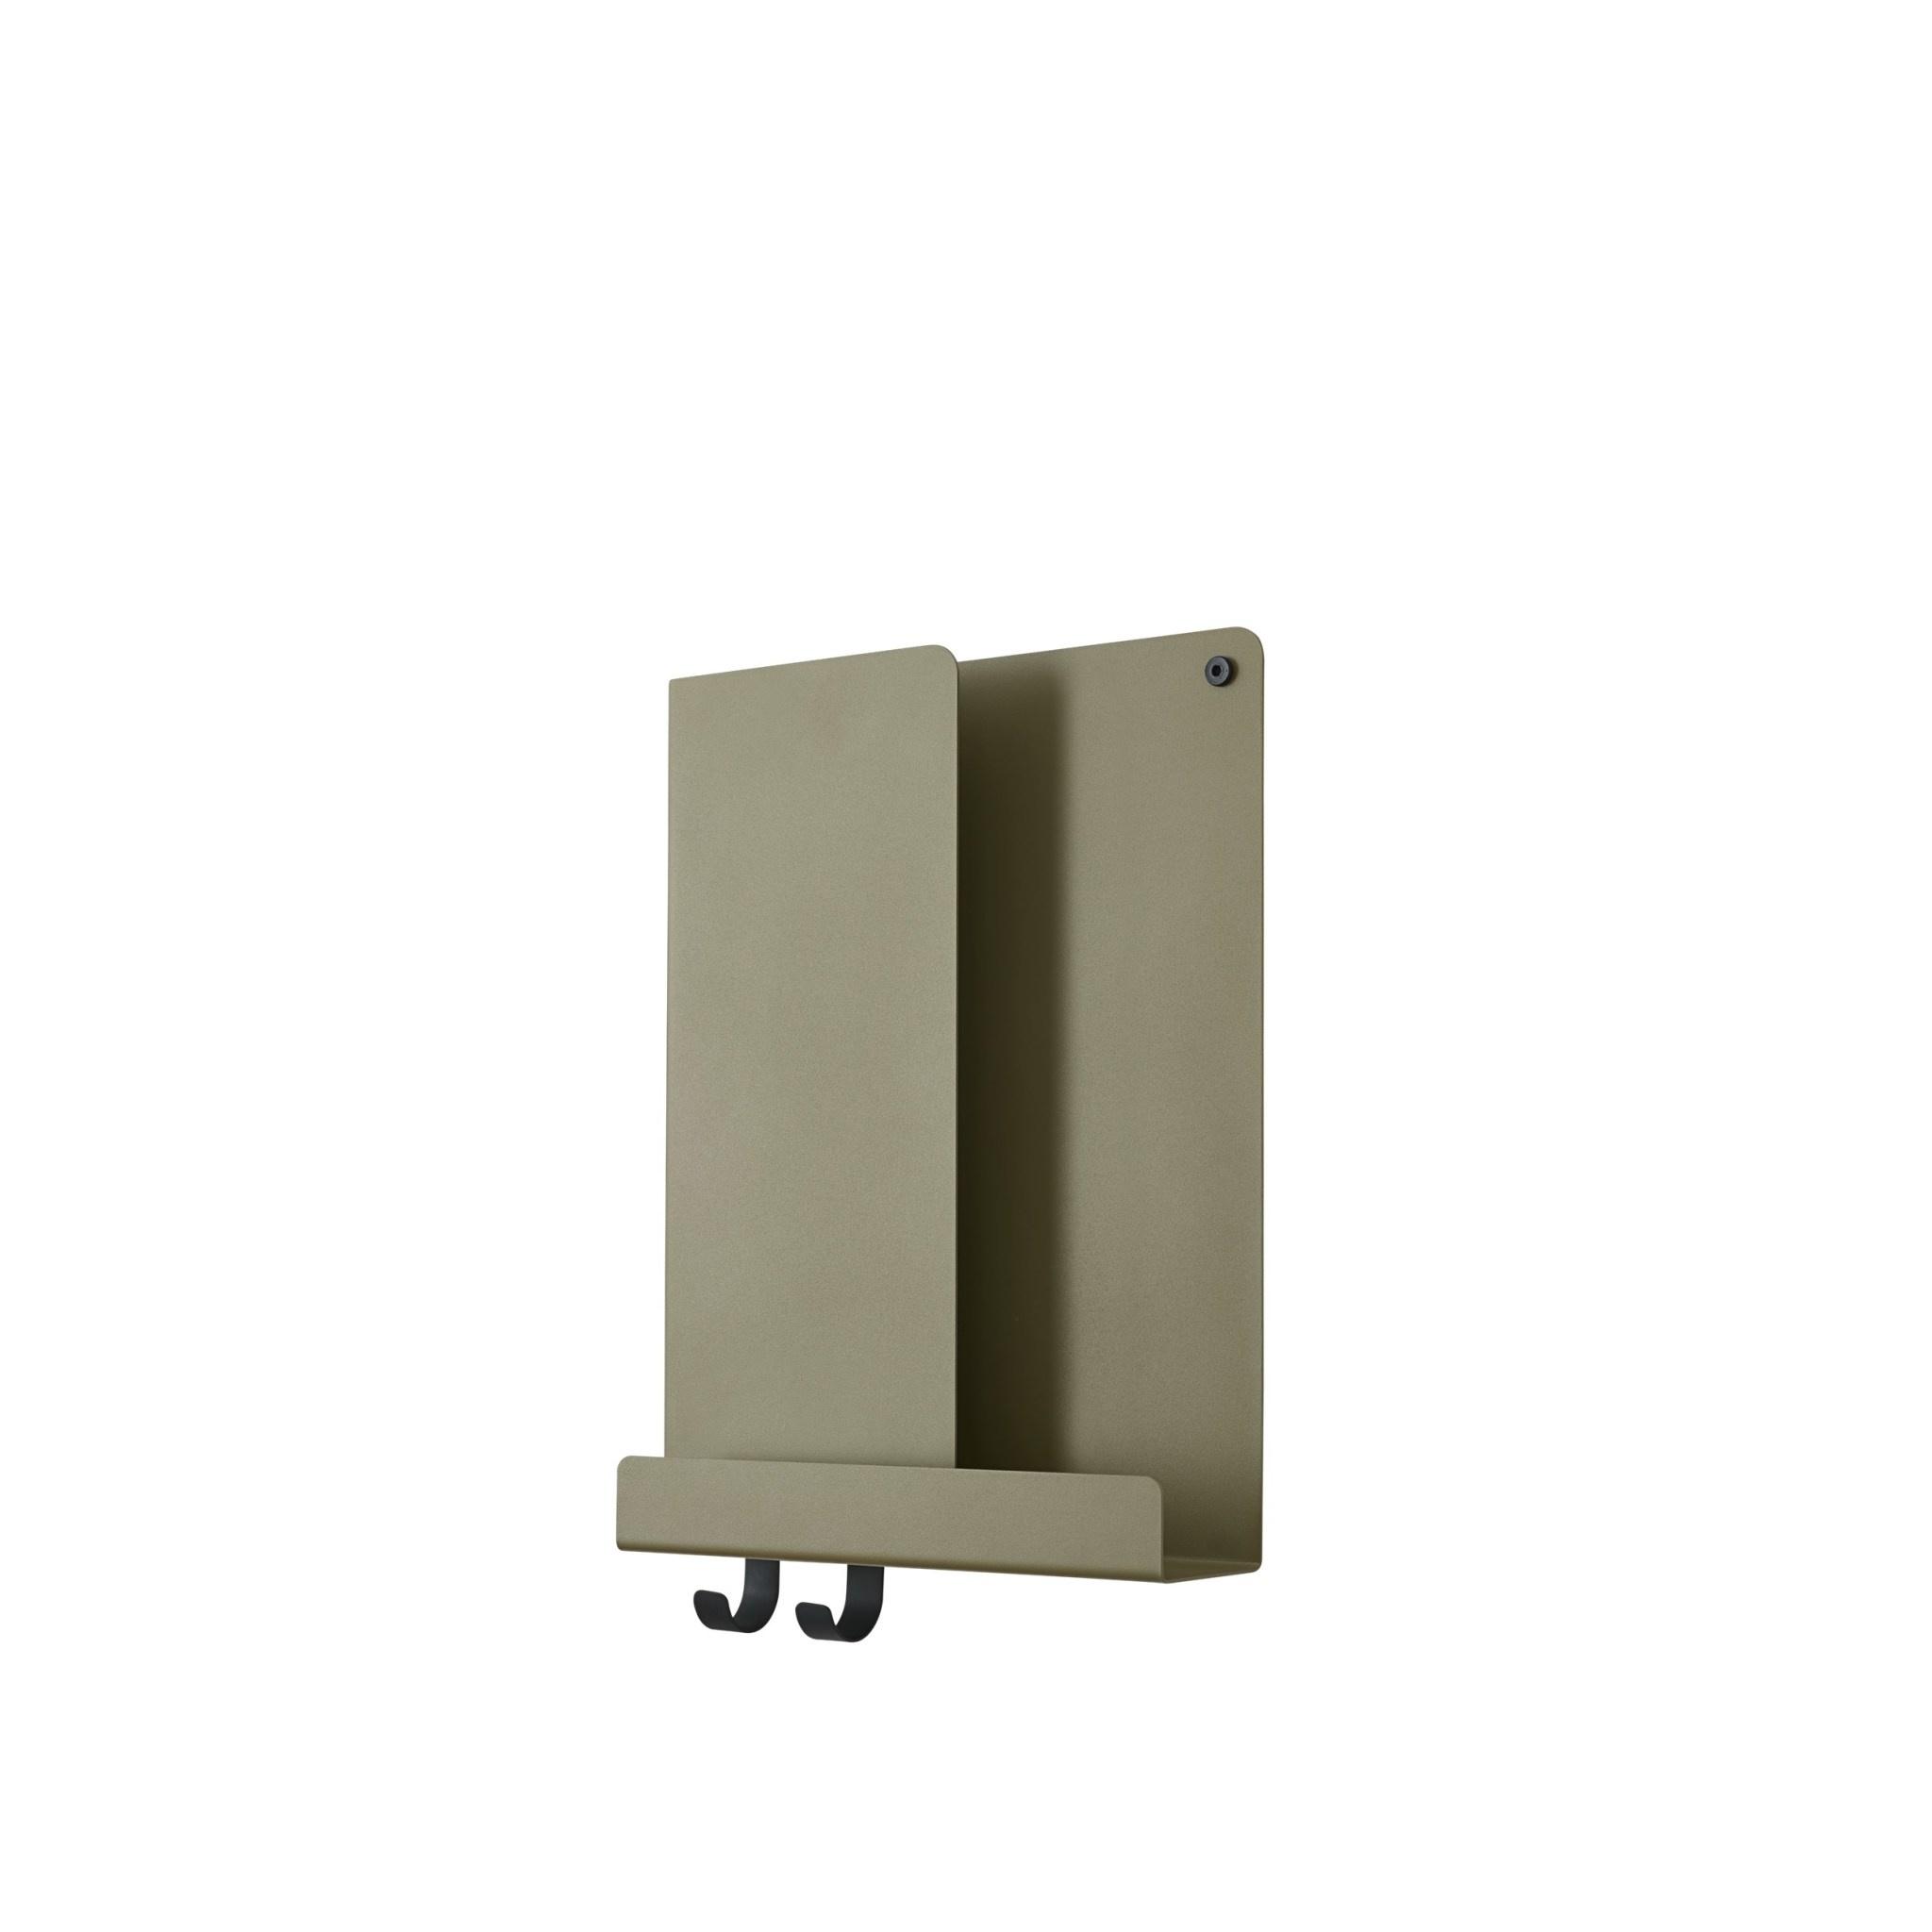 Folded shelves - XS-3